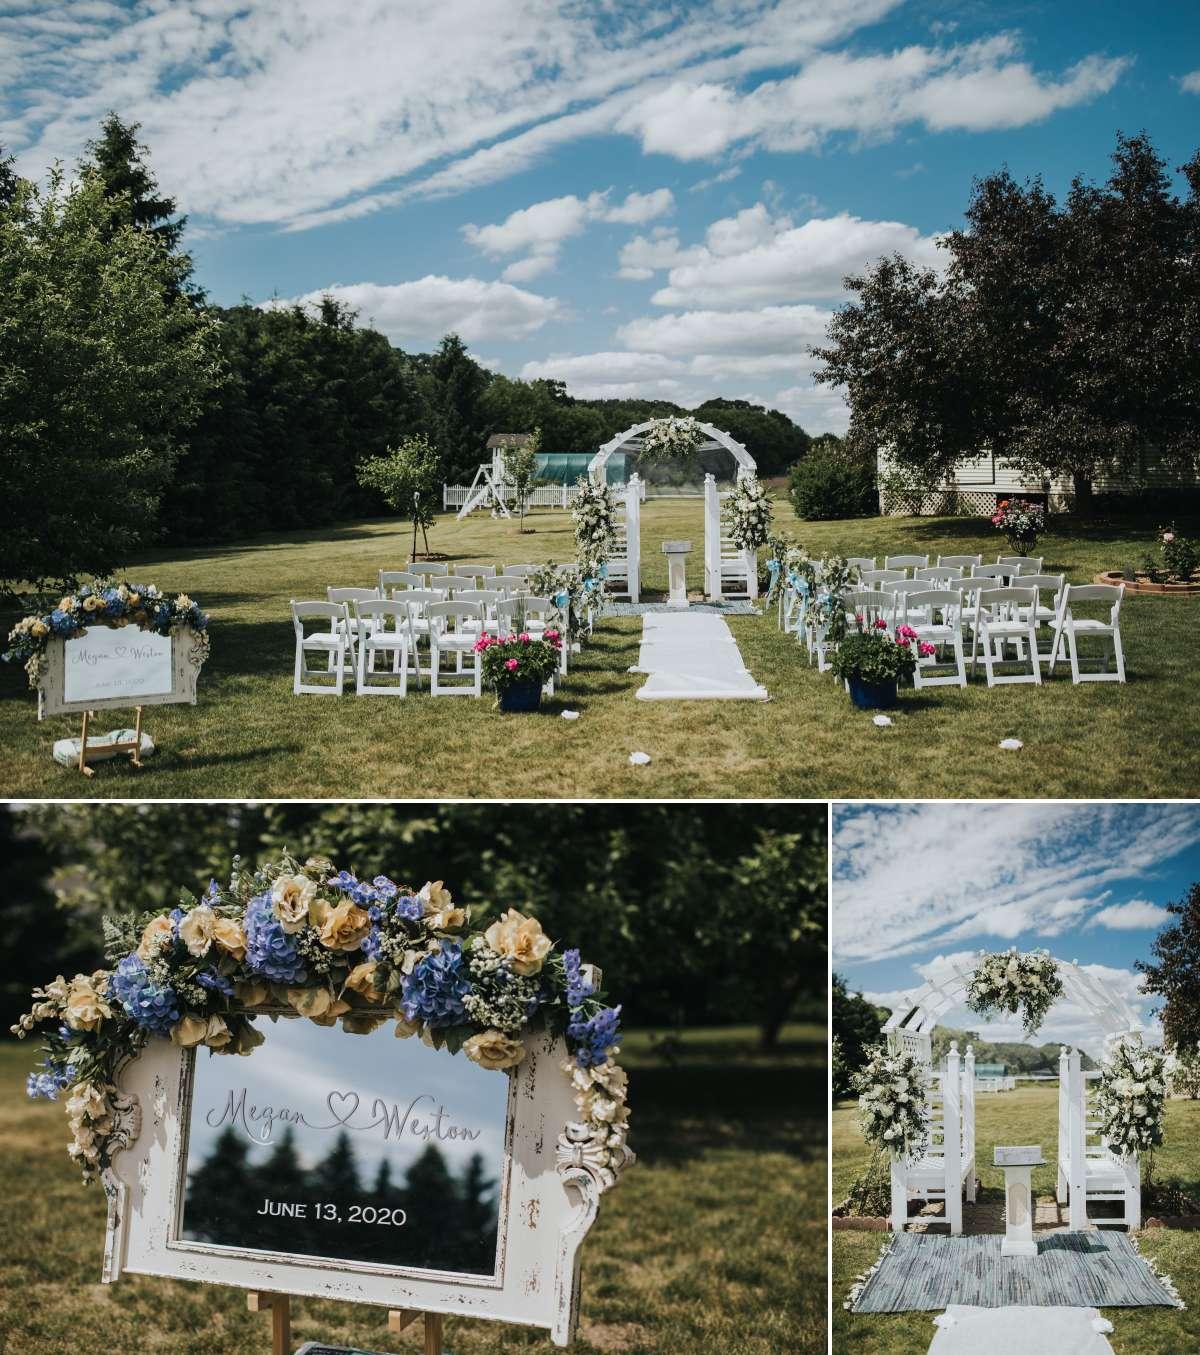 Outdoor wedding ceremony in Minnesota